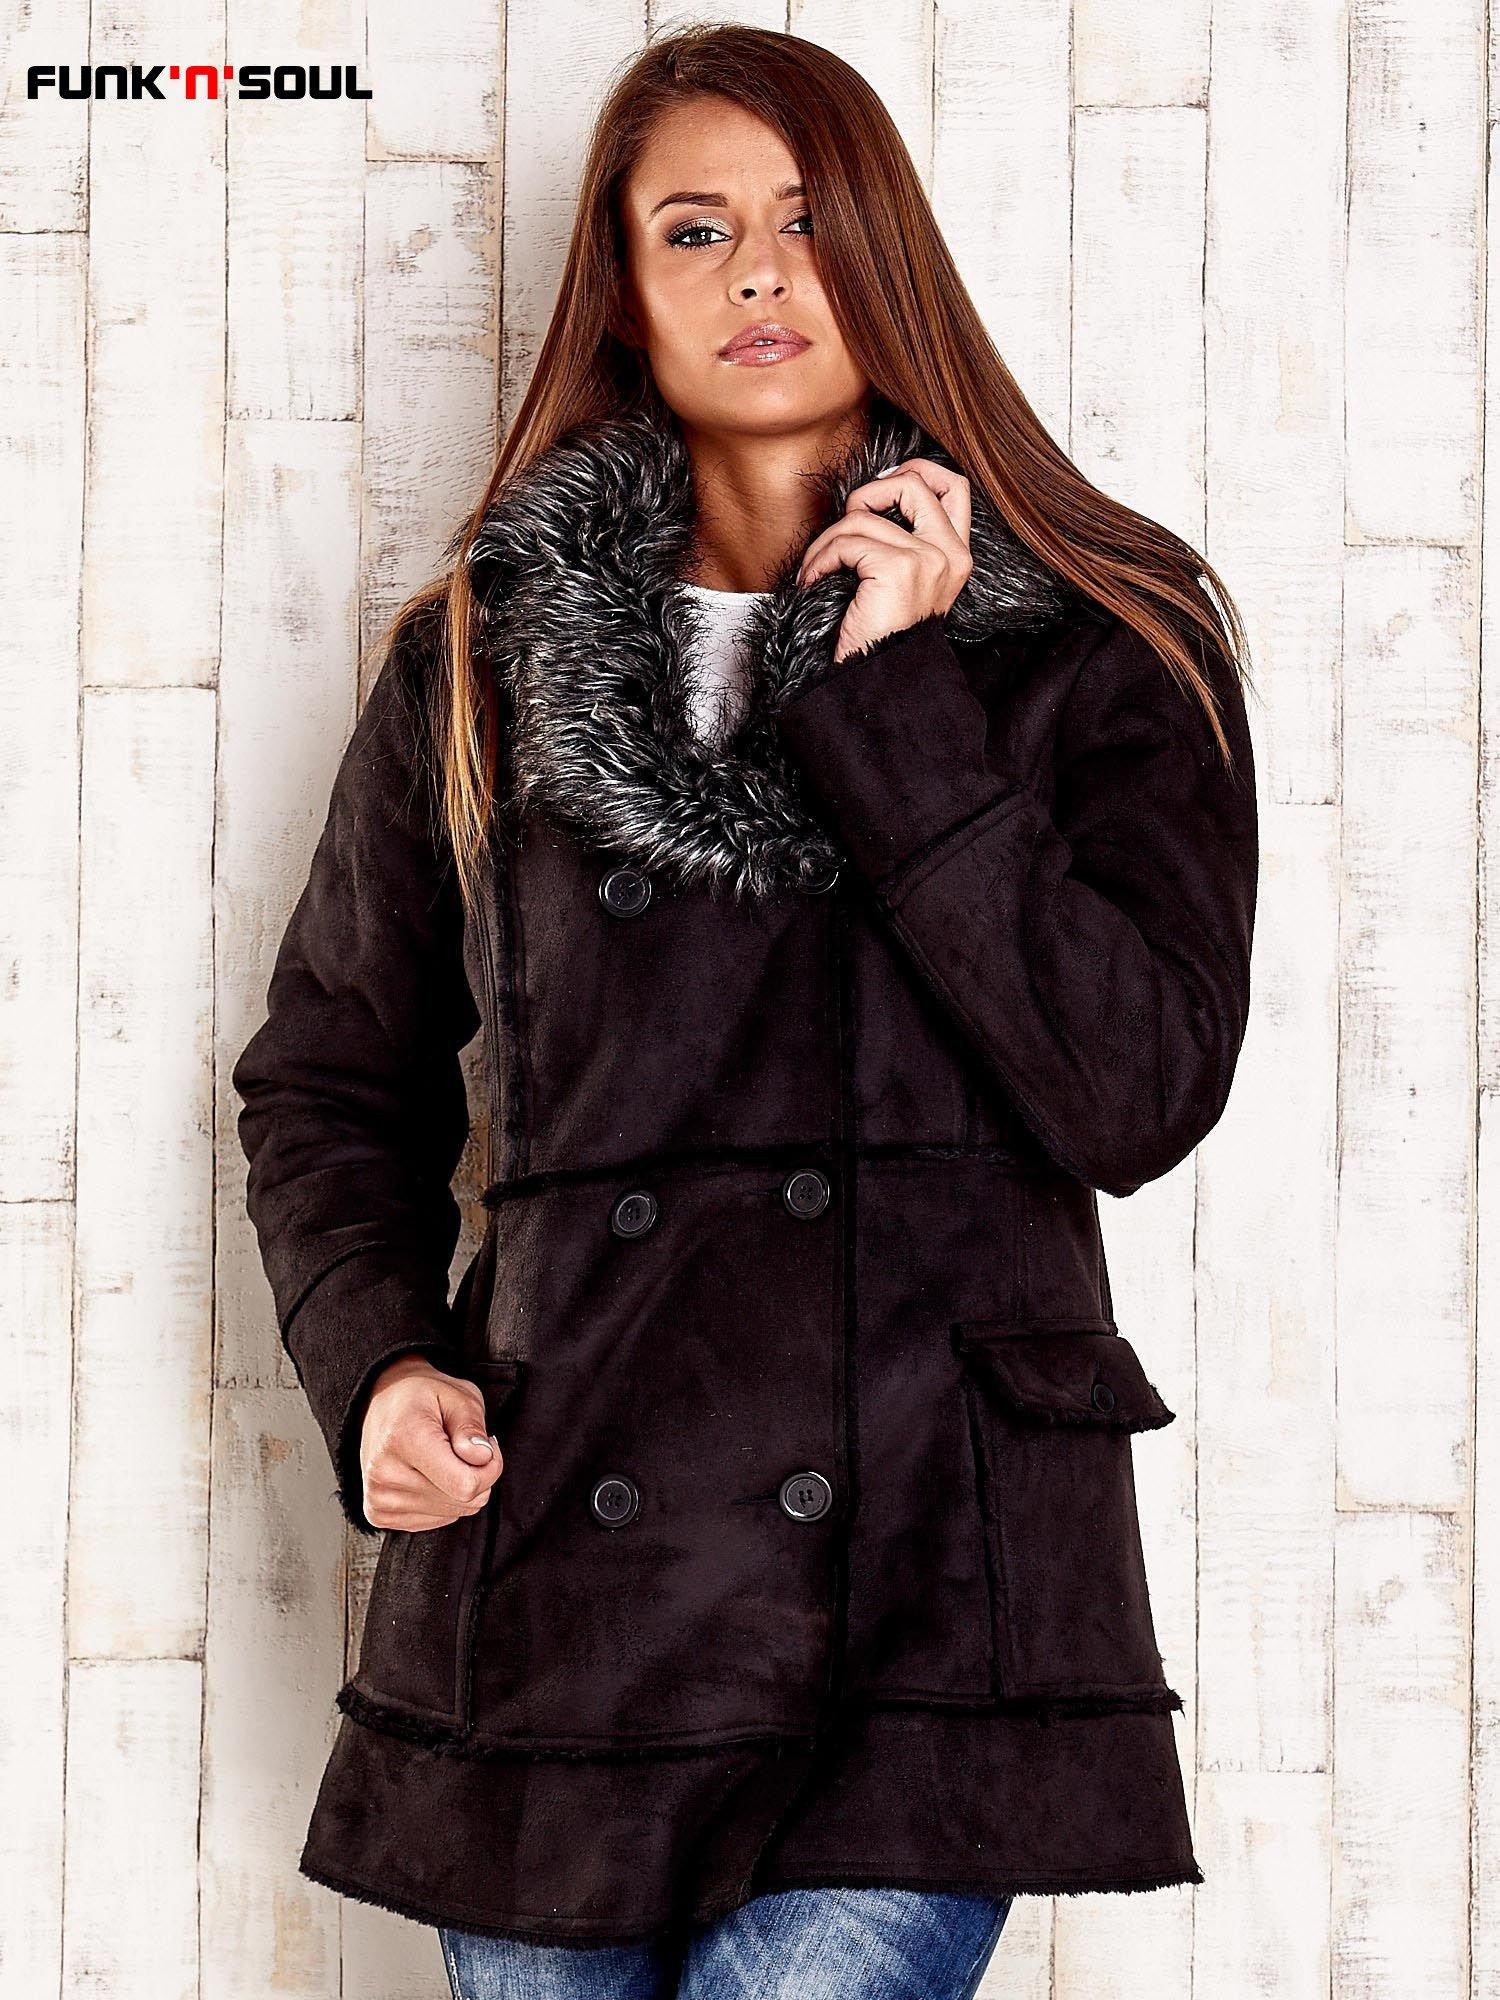 Czarny futrzany płaszcz z włochatym kołnierzem FUNK N SOUL                                  zdj.                                  1